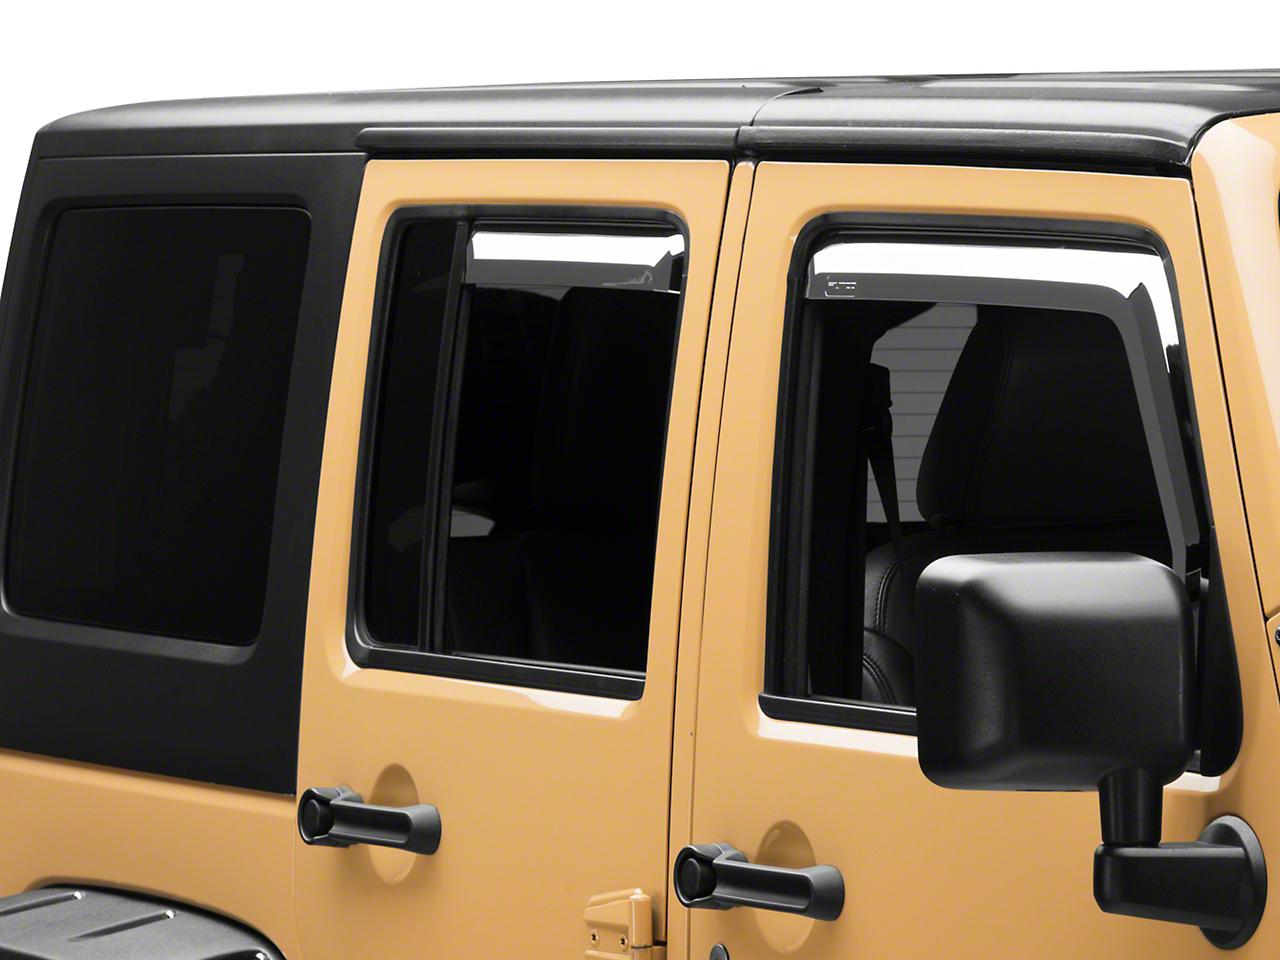 Putco Element Chrome Window Visors - Front & Rear (07-18 Jeep Wrangler JK 4 Door)